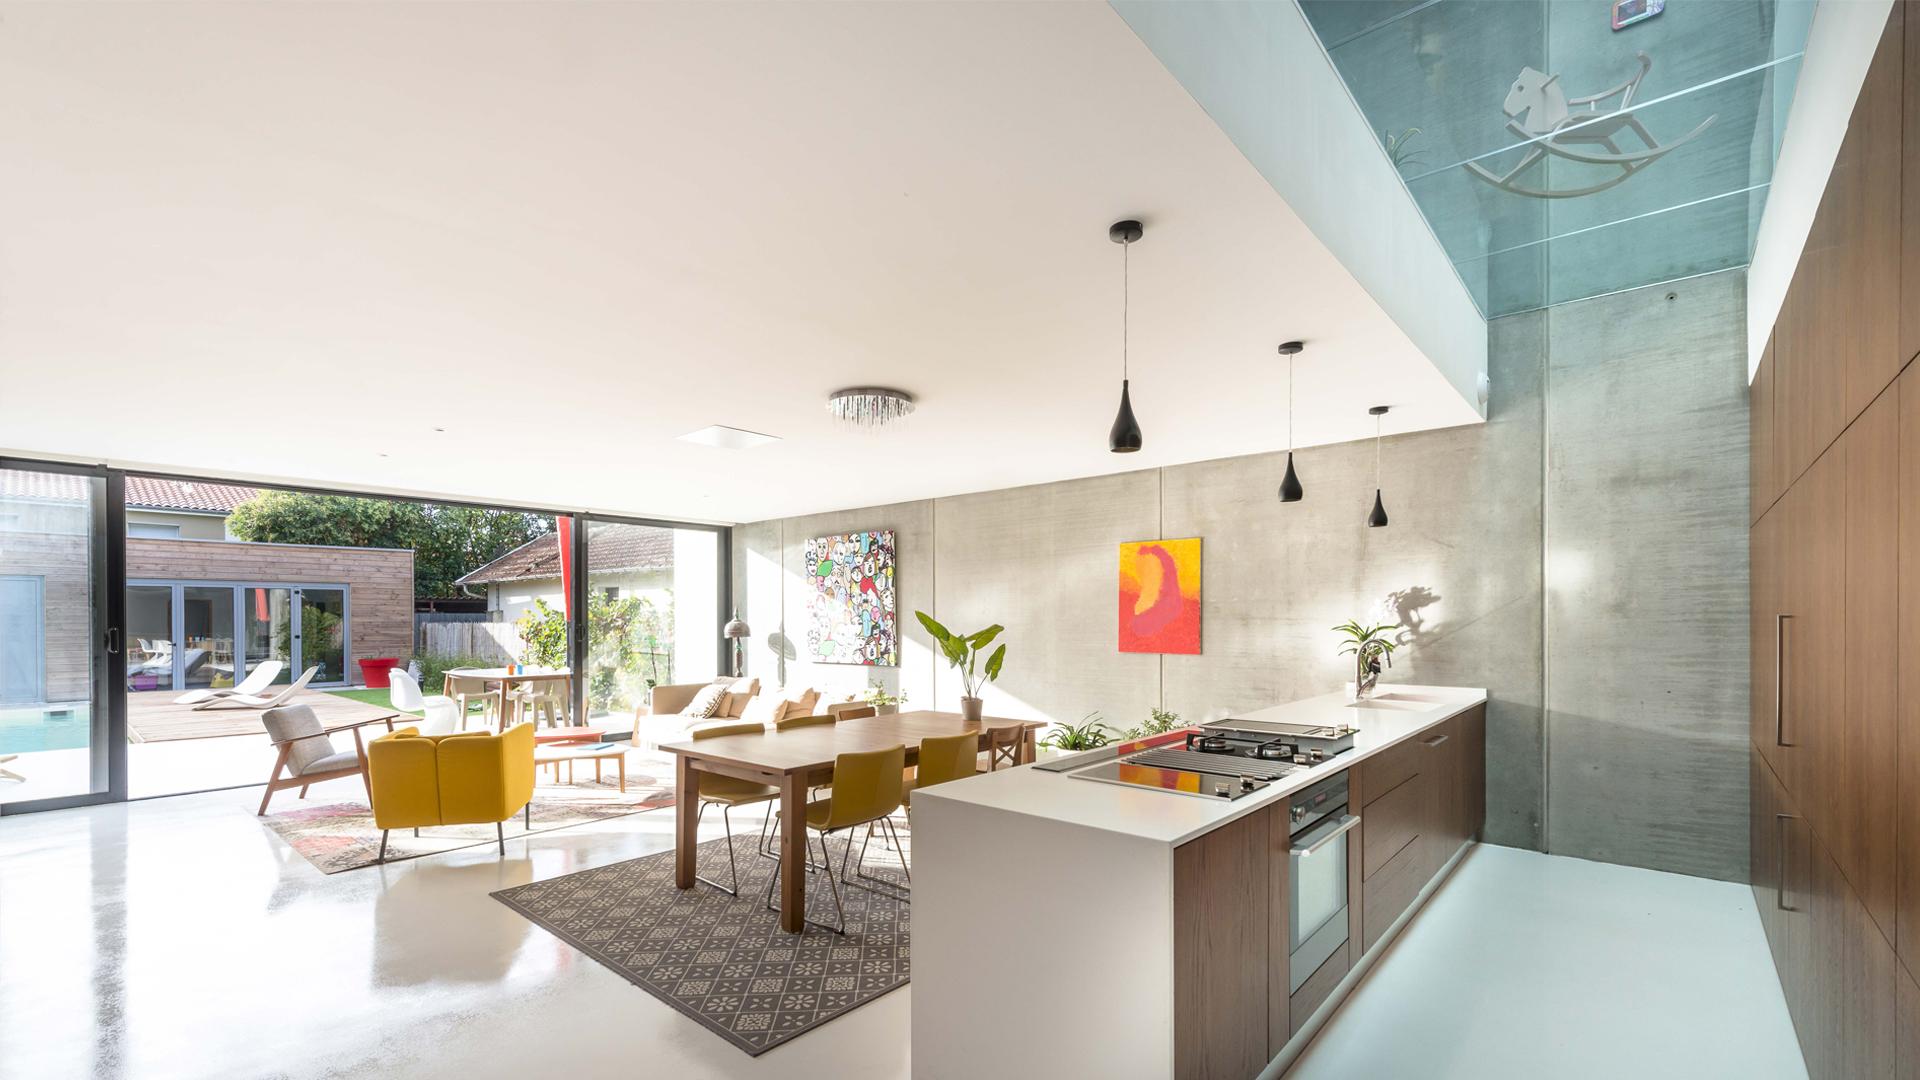 10-Seuil-Architecture-Villa-Métissé-crédit-Ph.-Stéphane-Brugidou